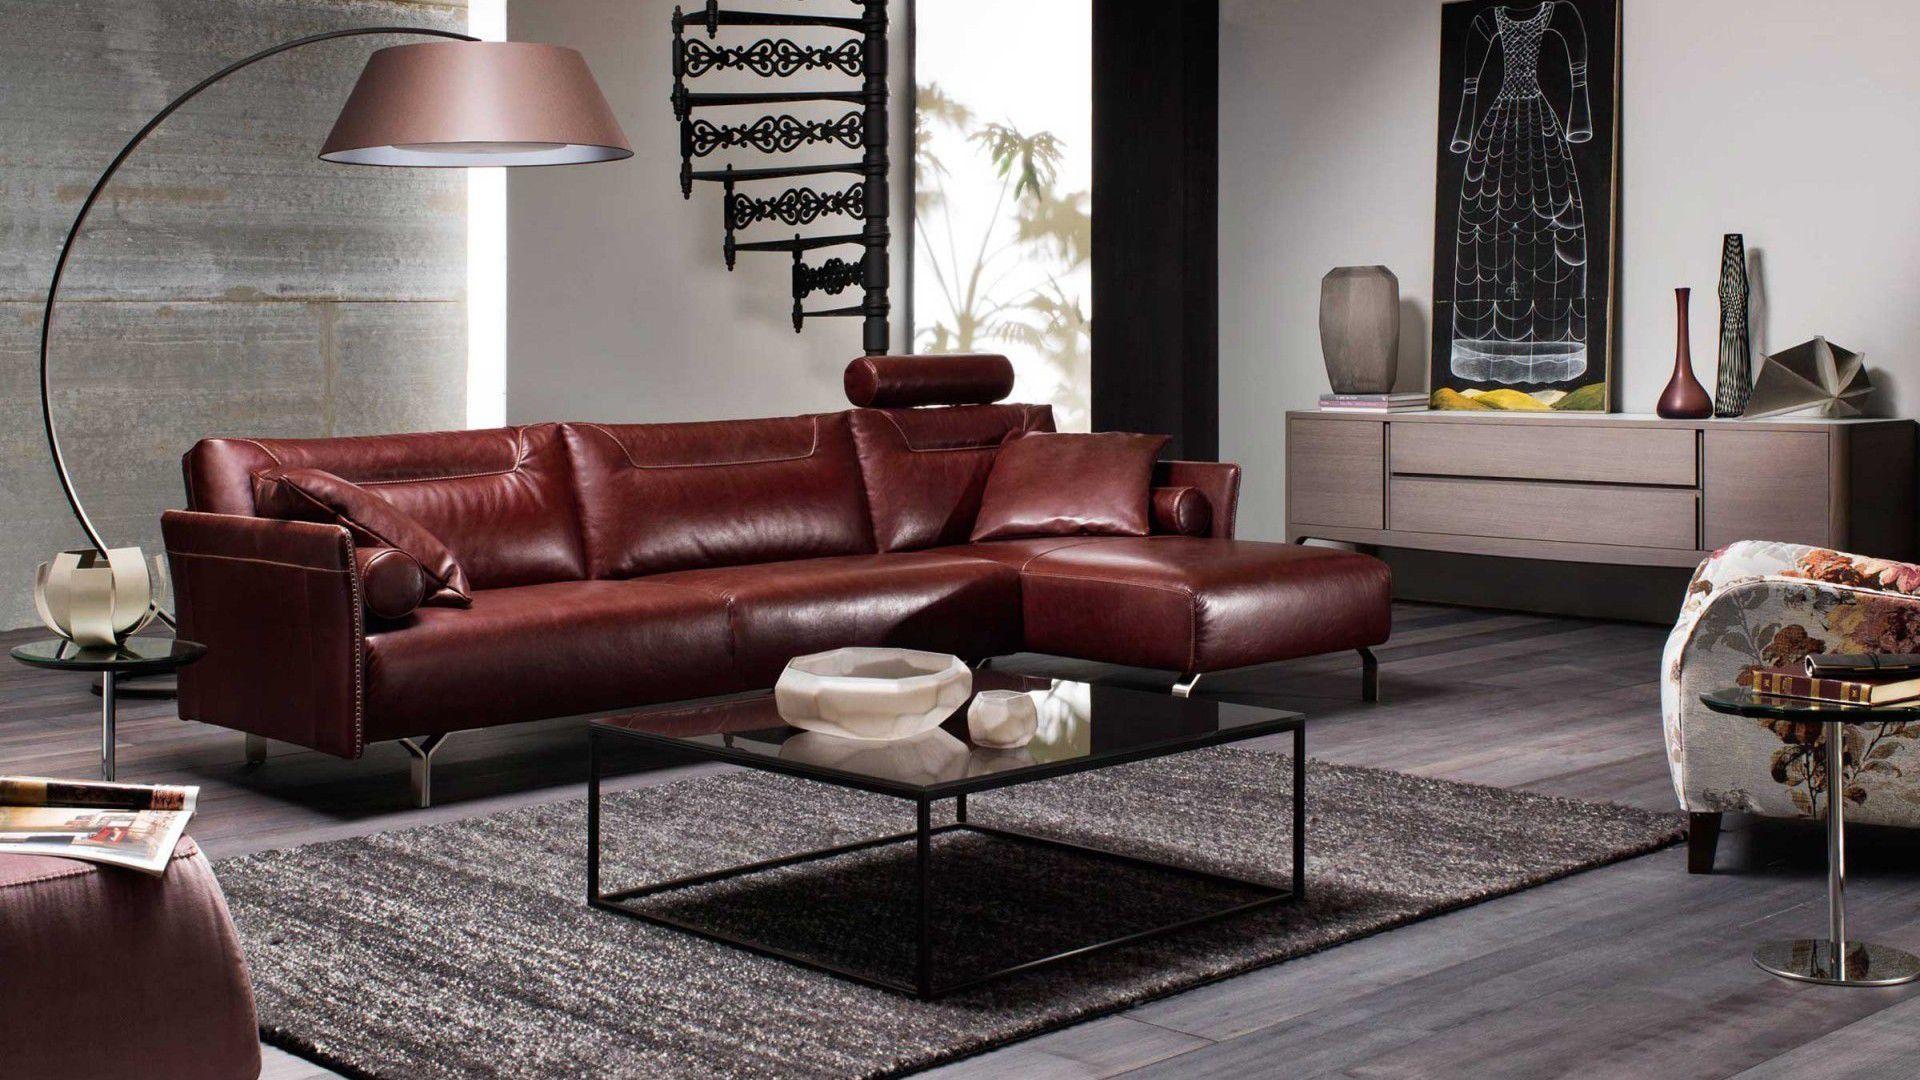 Divano In Pelle Natuzzi.Contemporary Sofa Tenore Natuzzi Leather Fabric 2 Person